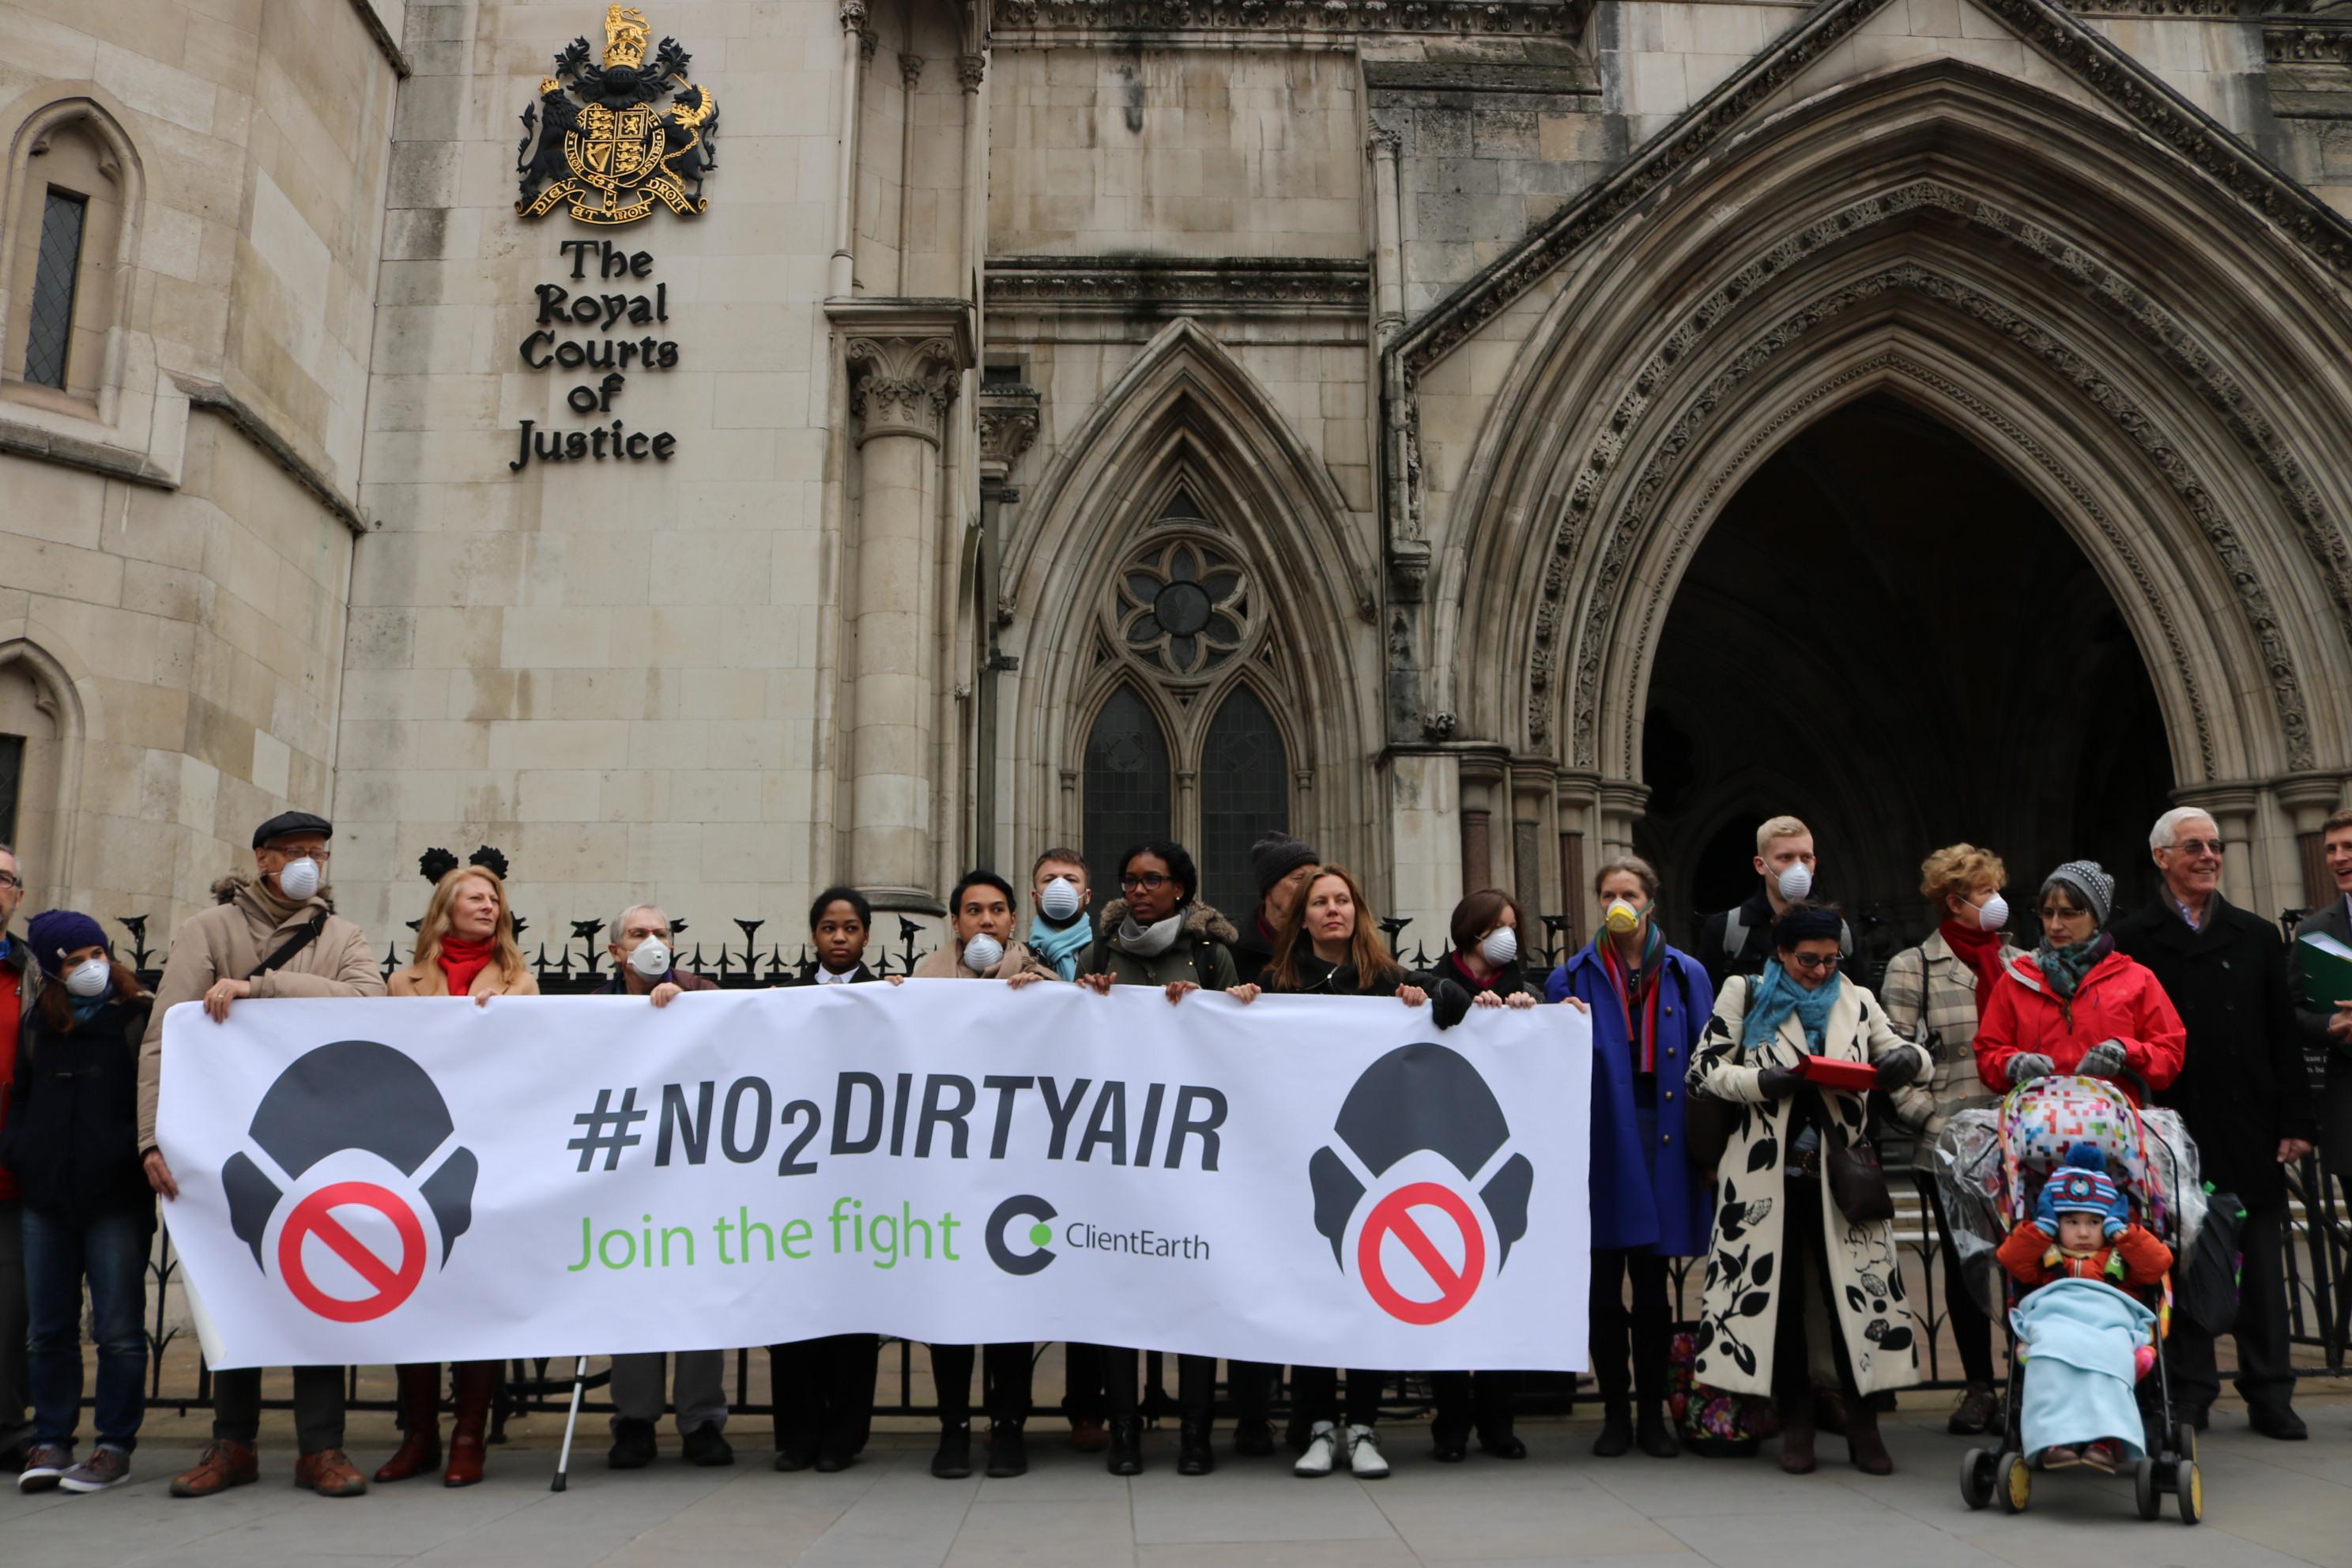 no2dirtyair-at-royal-courts-of-justice-11